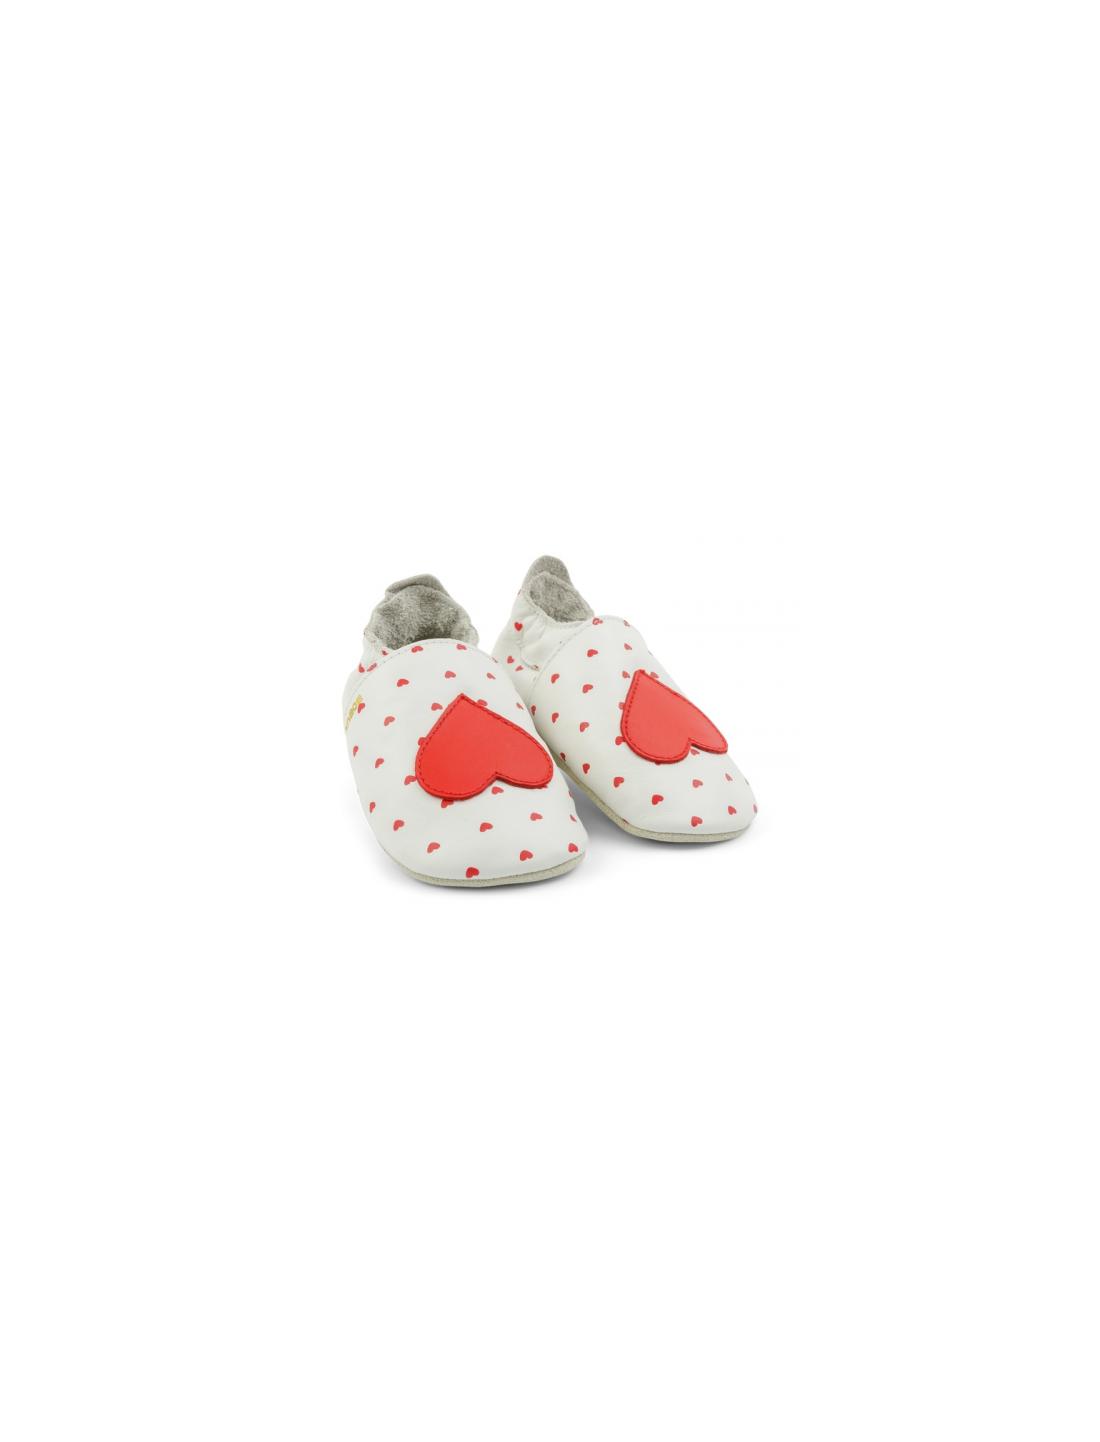 Zapato moccs Of Hearts. Bobux